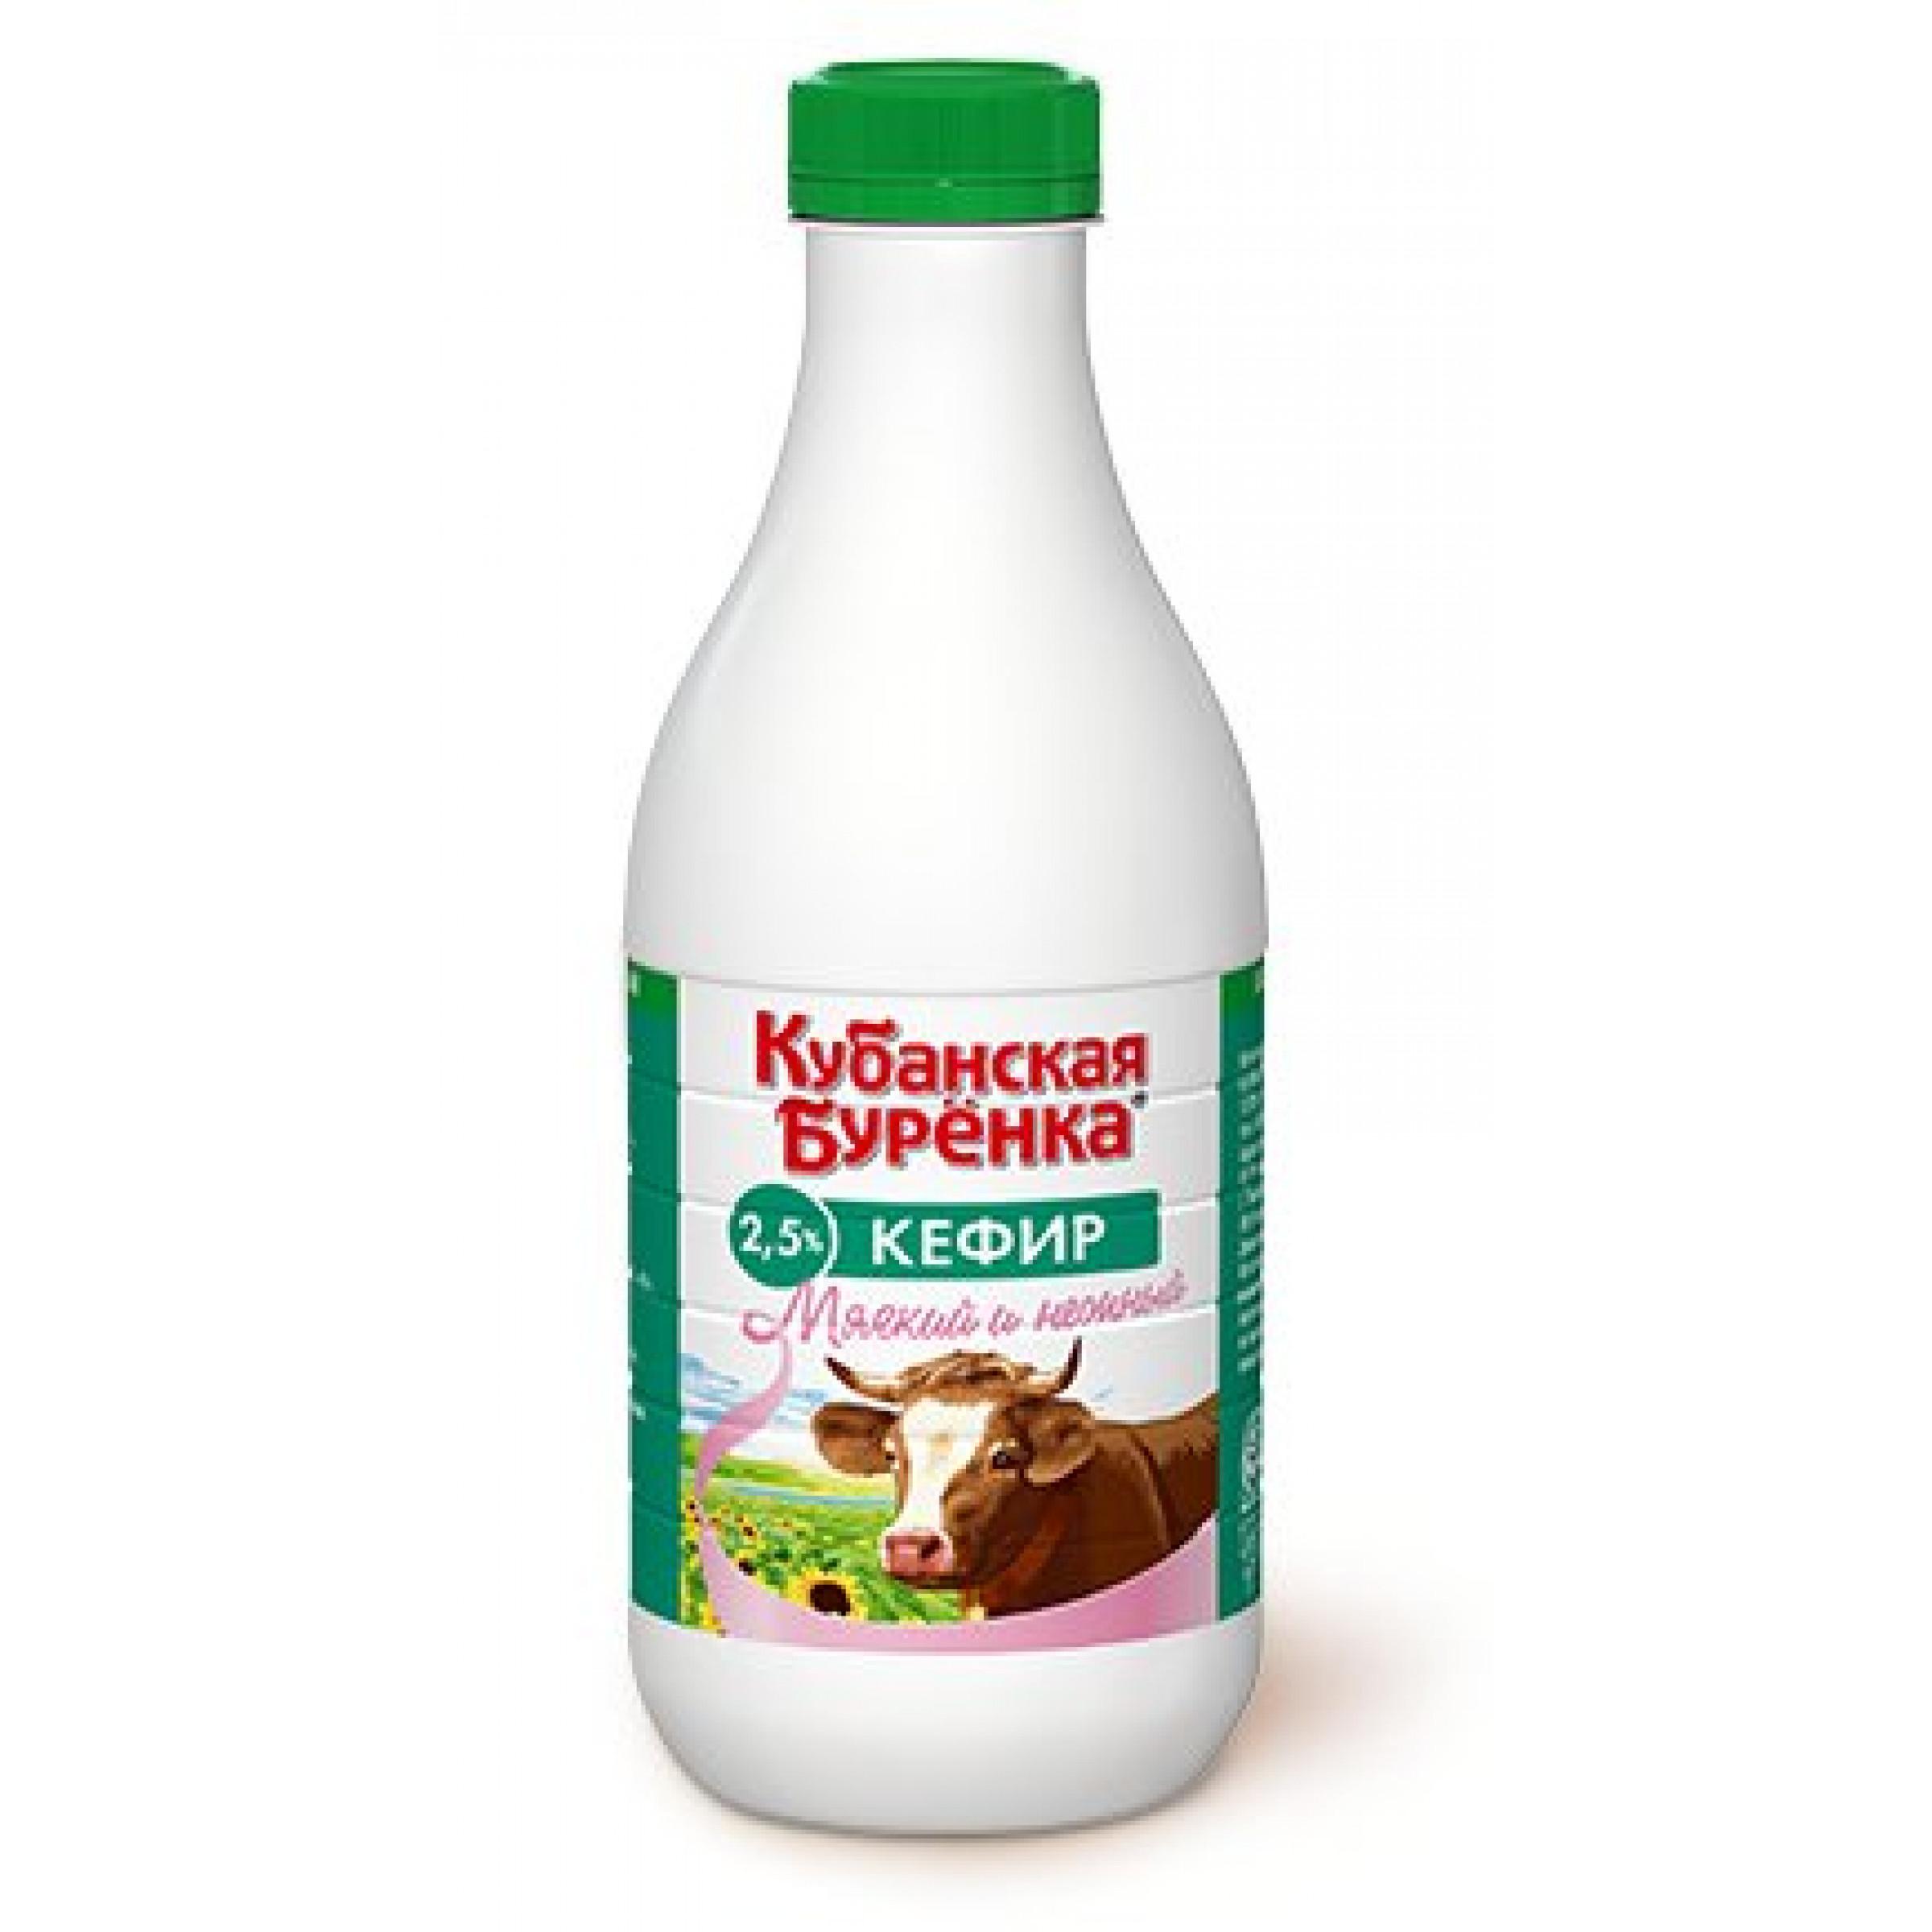 """Кефир 2, 5% """"Кубанская буренка"""", 950гр."""